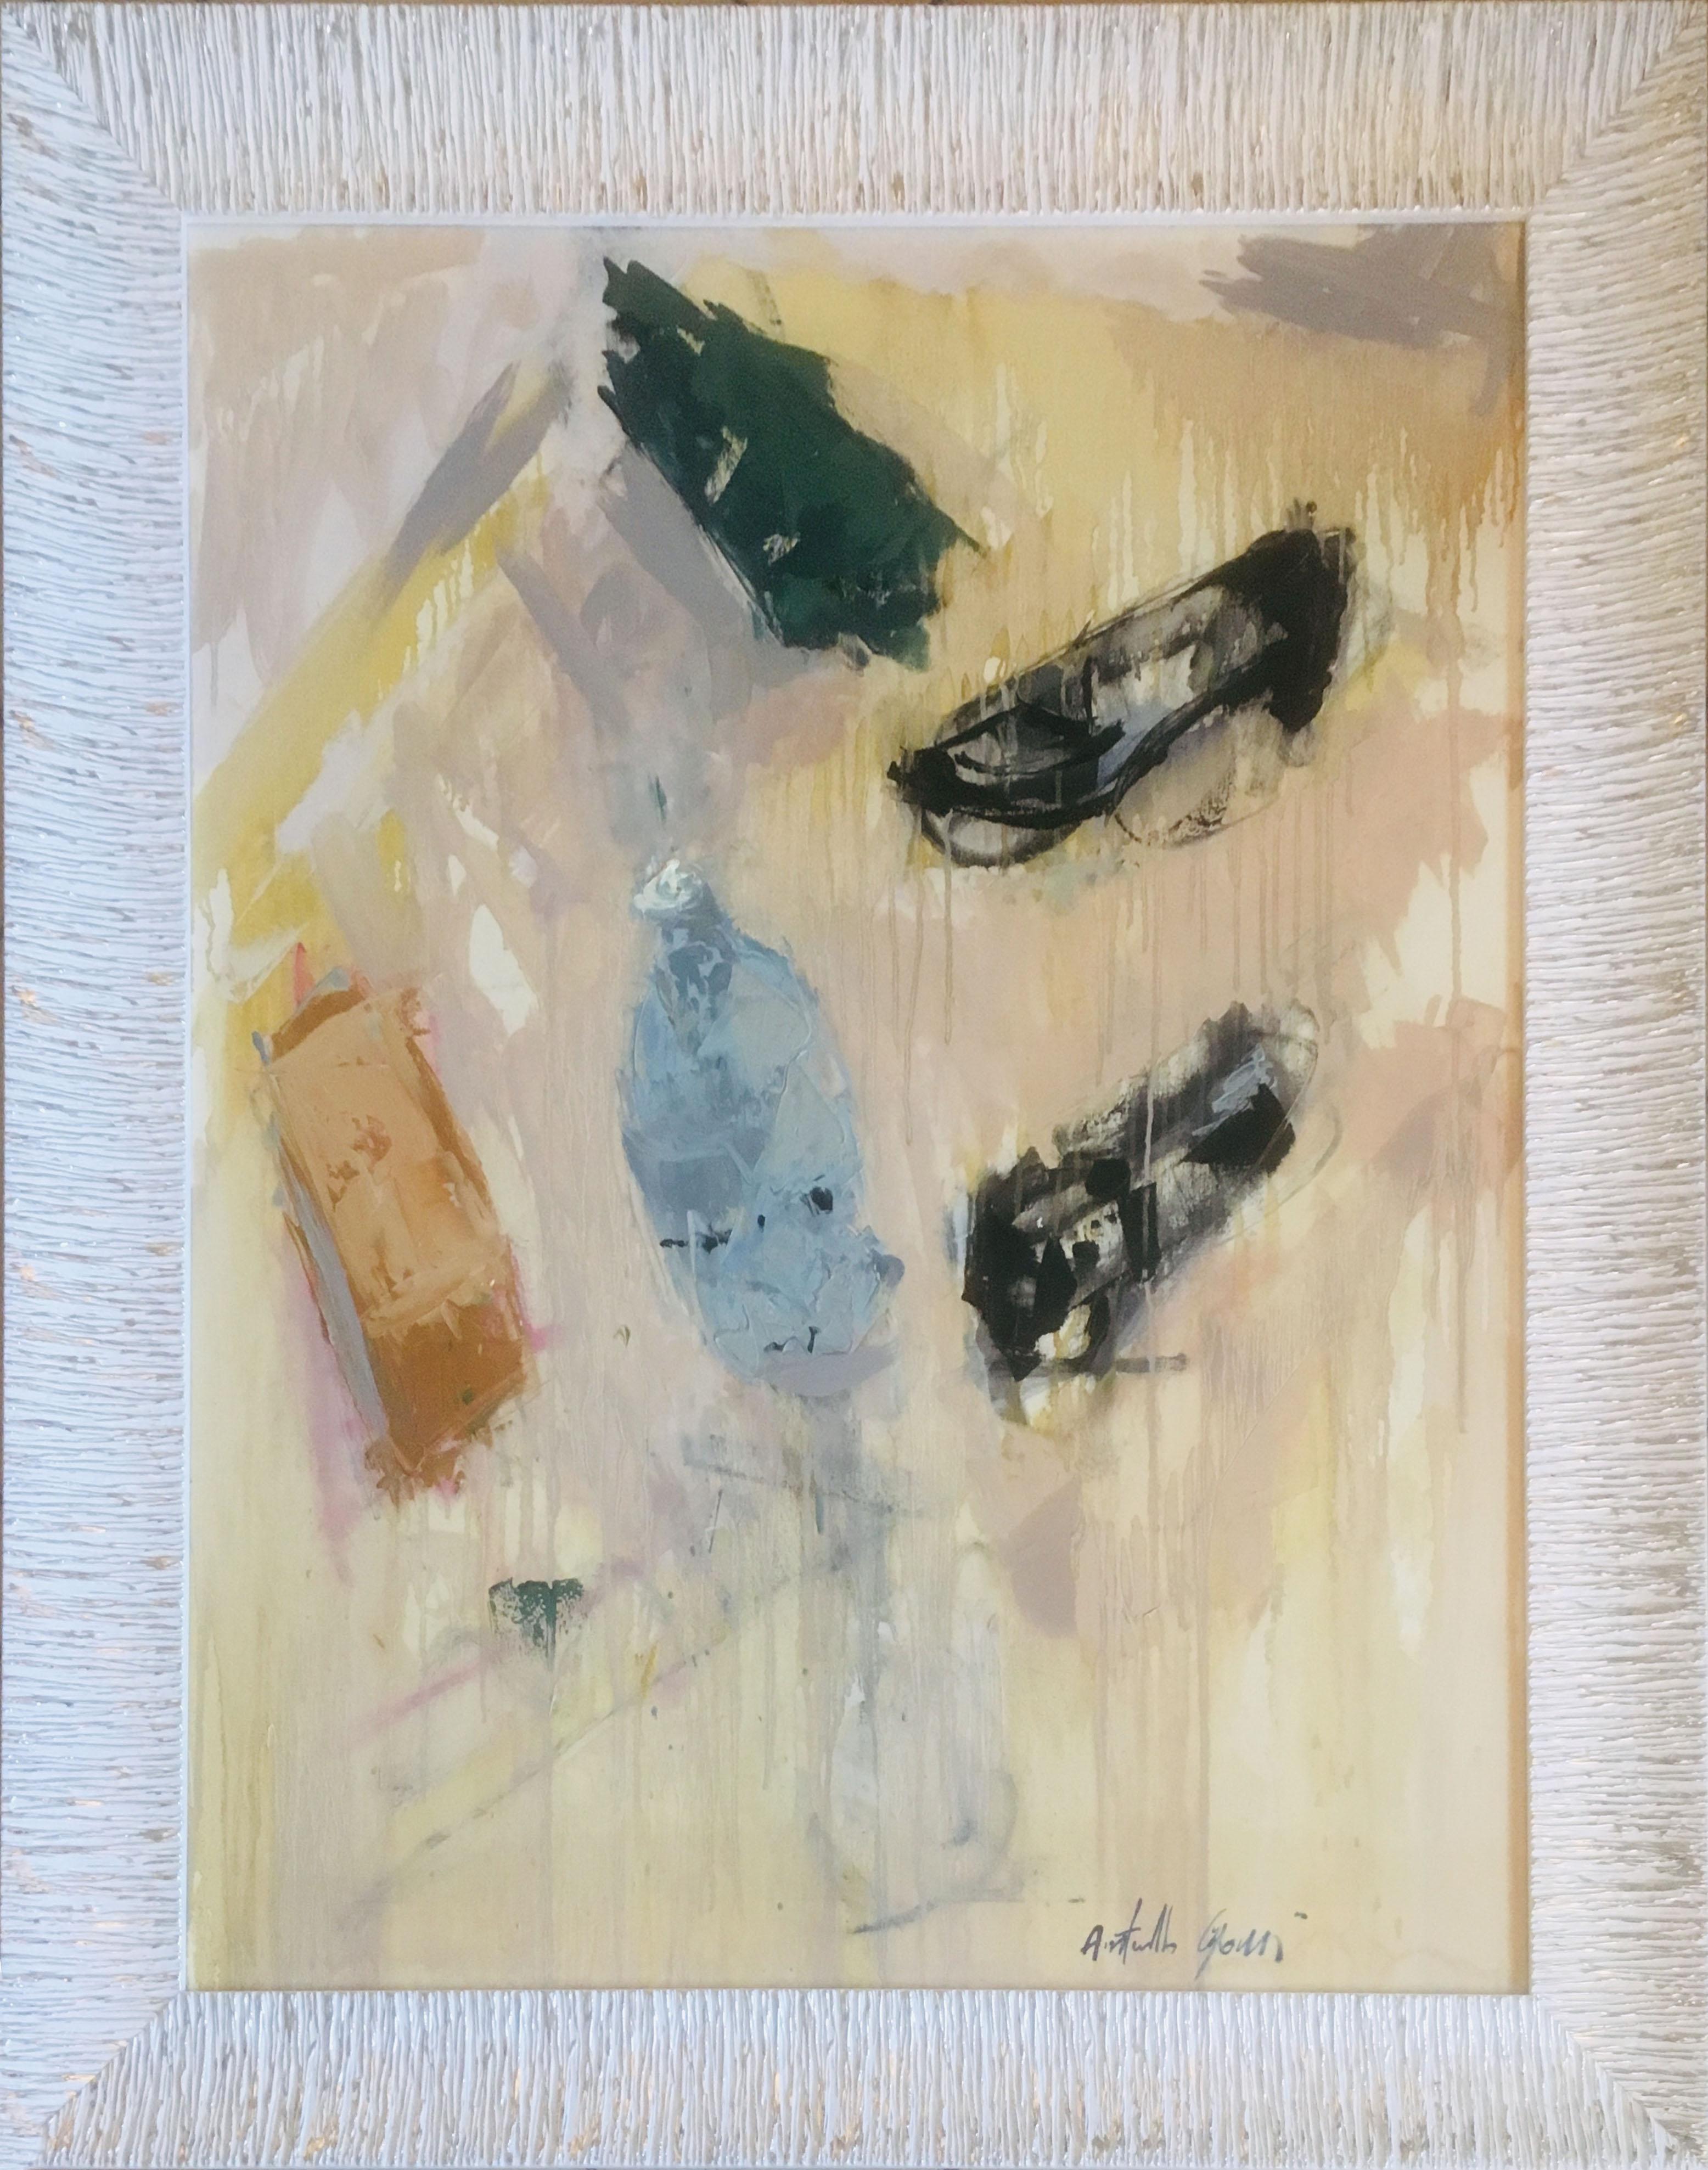 Antonello Capozzi – Composizione 403.0318